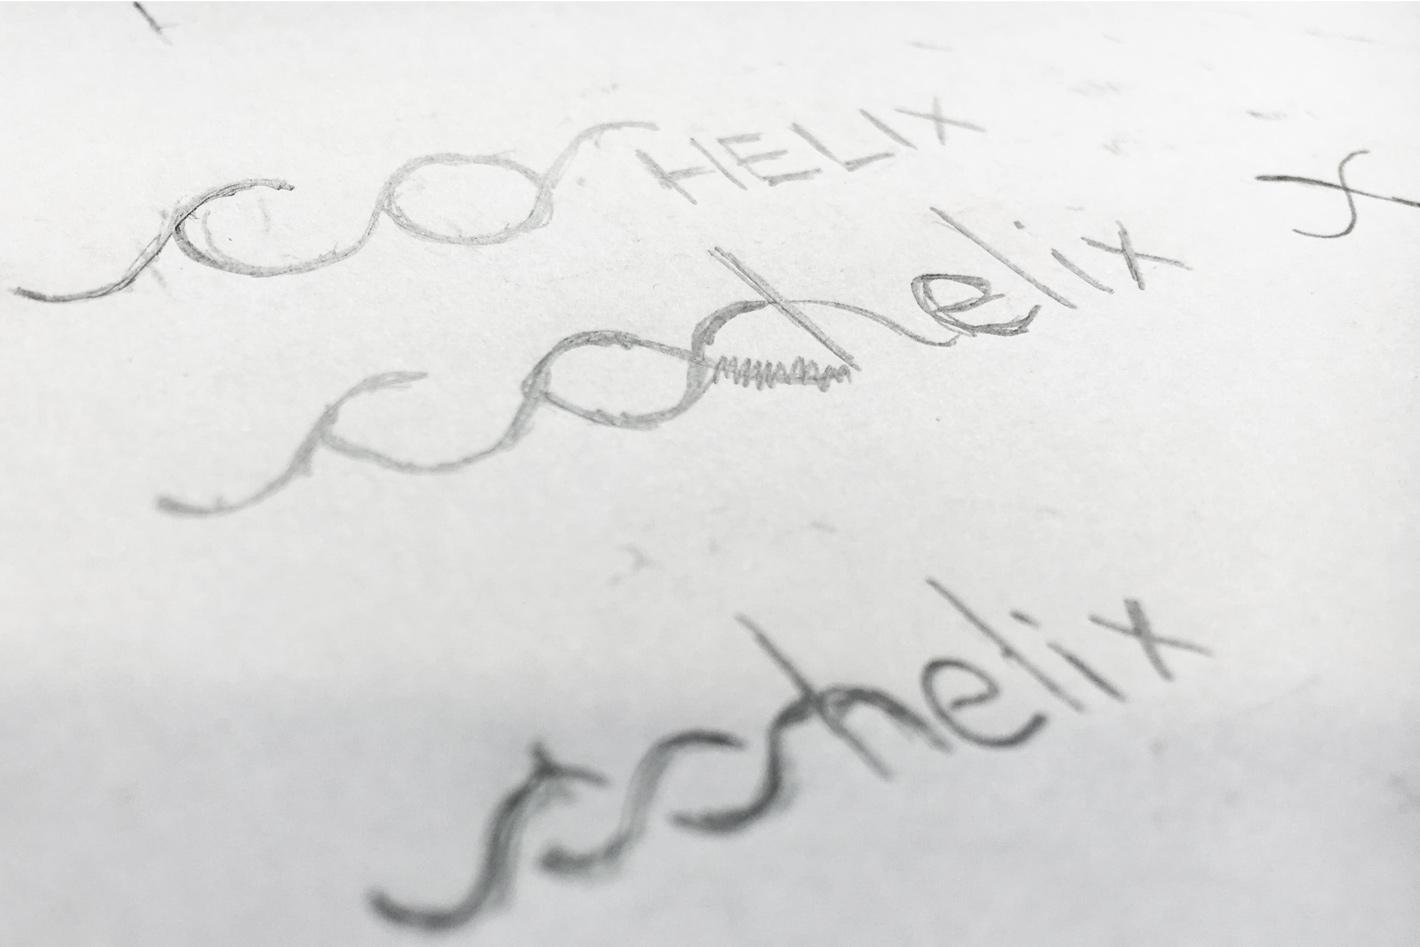 Cohelix sketches